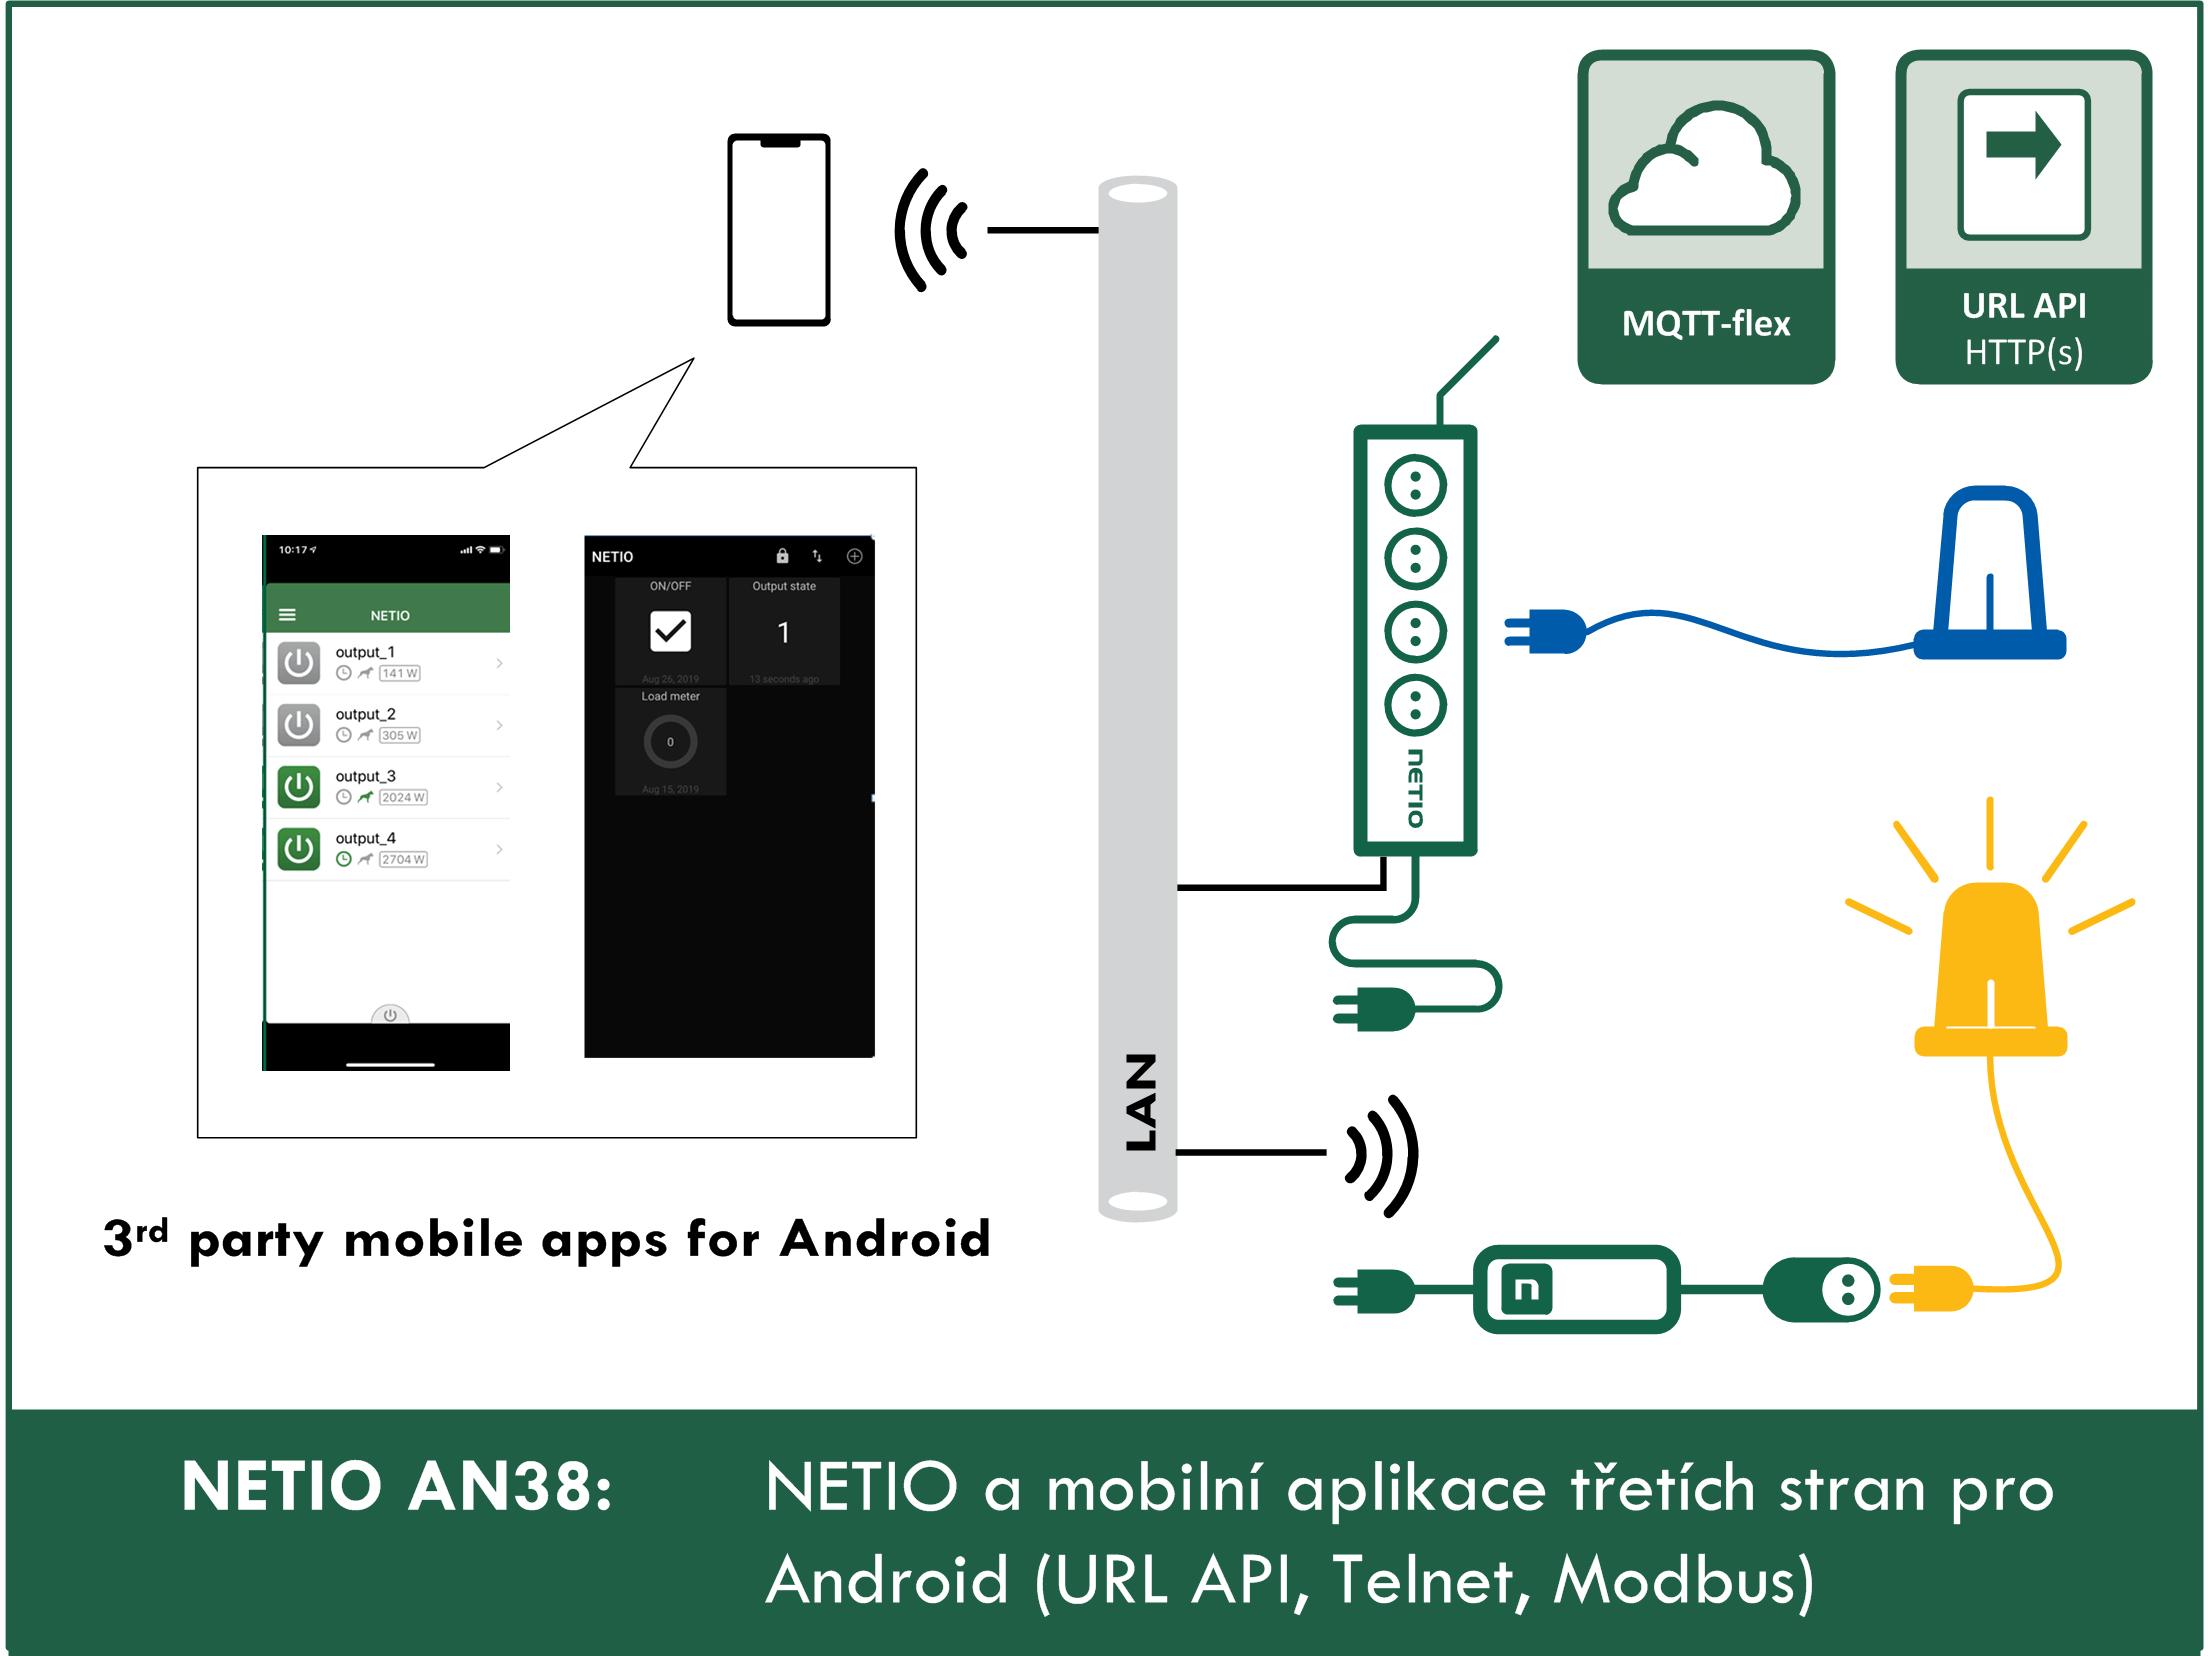 AN38 - NETIO a mobilní aplikace třetích stran pro Android (URL API, Telnet, Modbus)